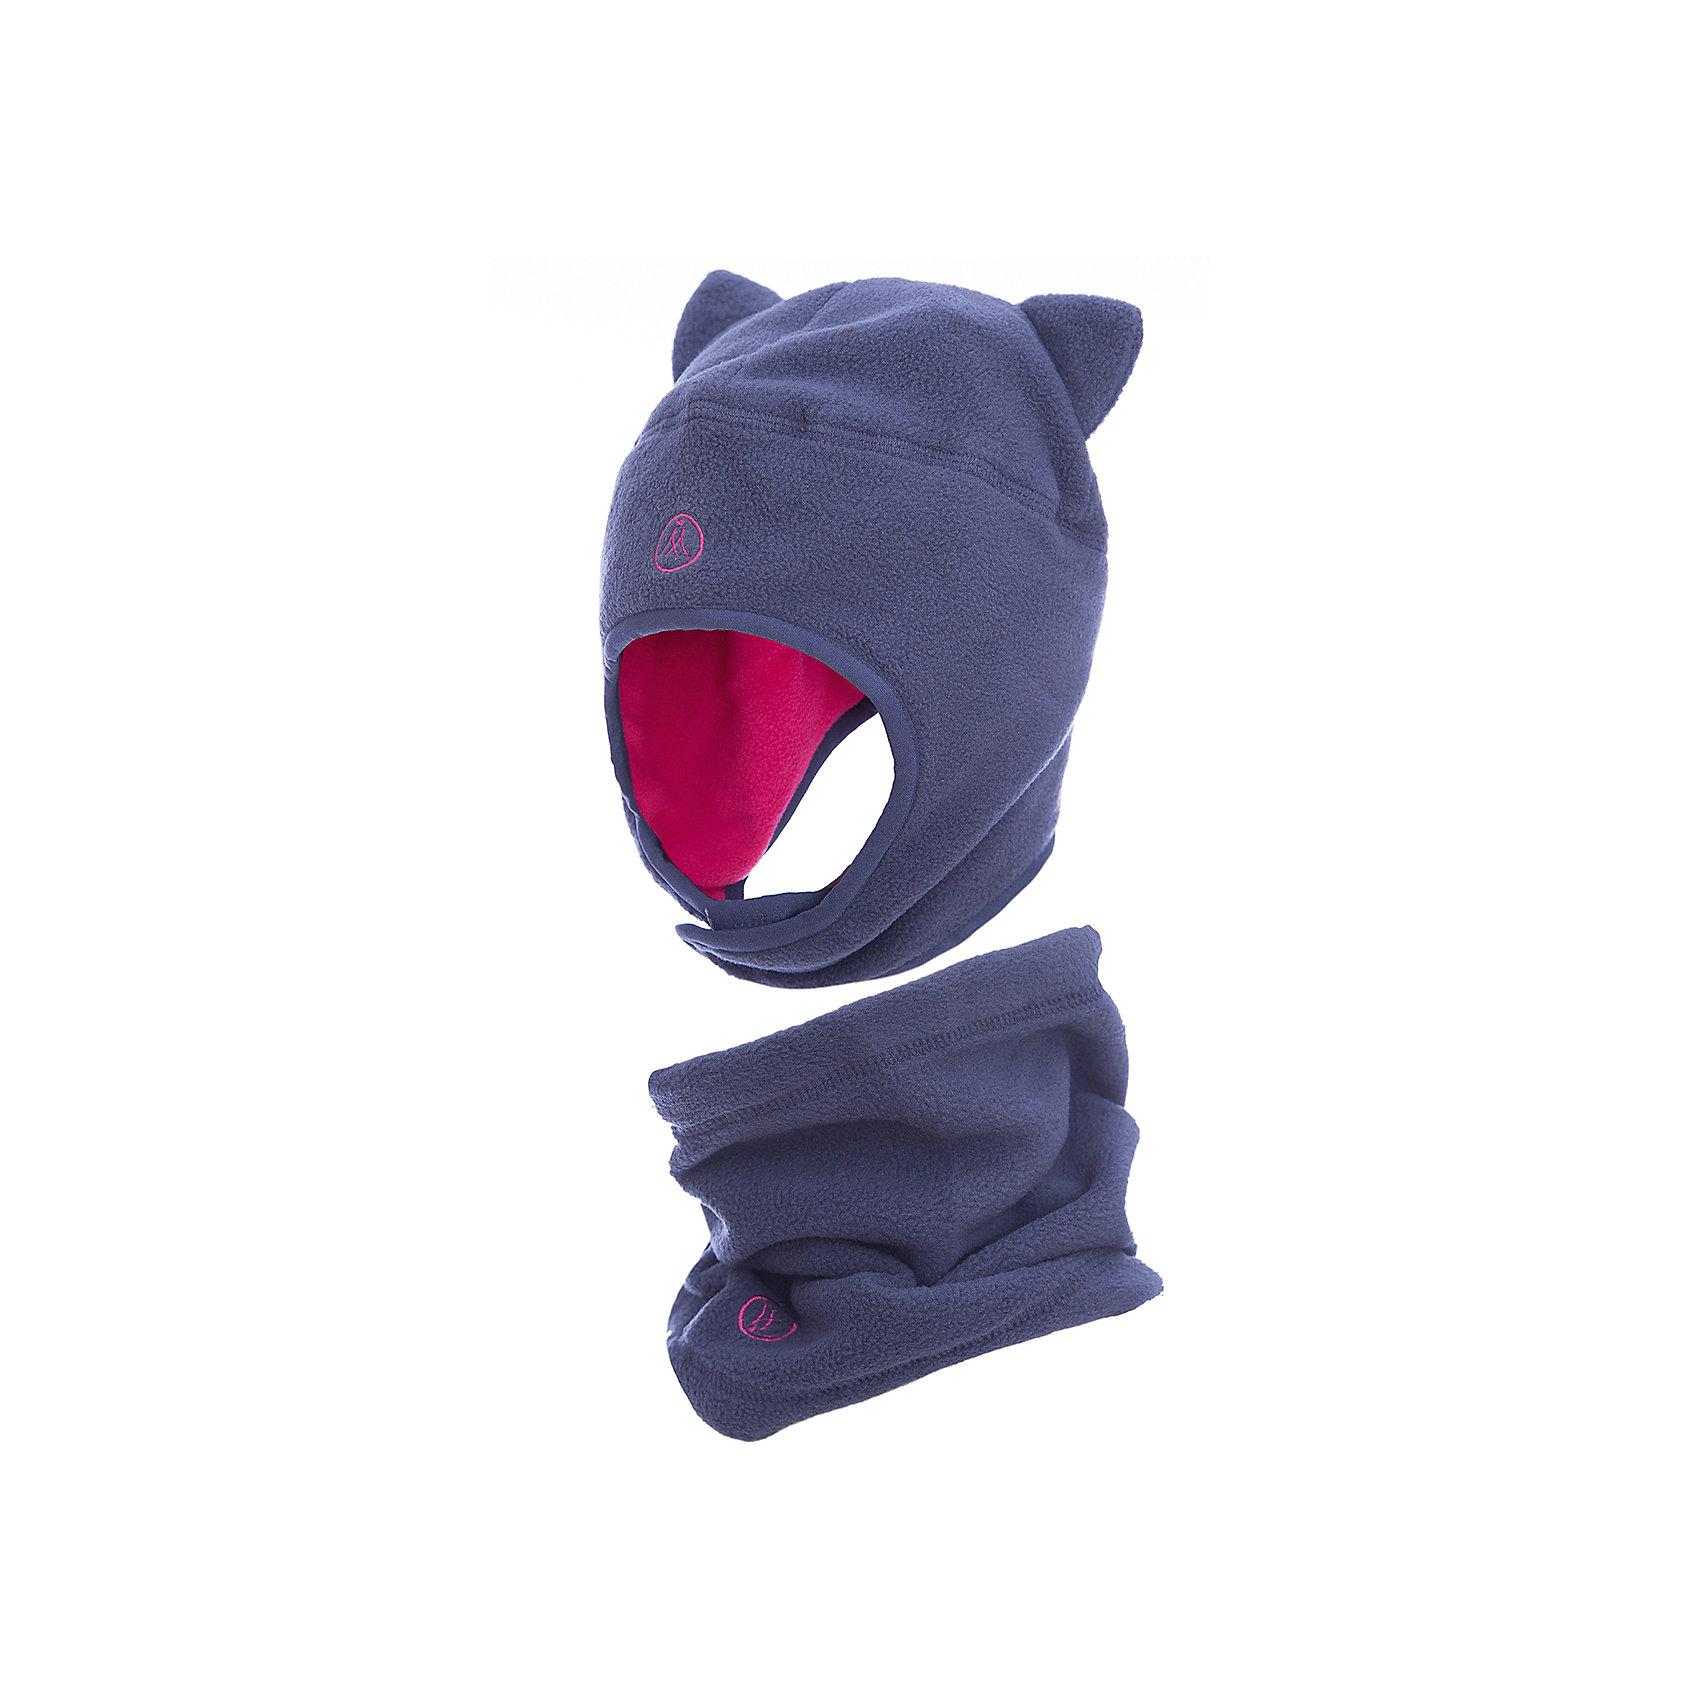 Комплект: шапка и шарф Premont для девочкиГоловные уборы<br>Характеристики товара:<br><br>• цвет: серый<br>• комплектация: шапка и шарф <br>• состав ткани: флис, Polar fleece<br>• подкладка: флис, Polar fleece<br>• сезон: демисезон<br>• температурный режим: от -10 до +5<br>•  двойной флис в зоне ушей и лба<br>• застежка: липучка<br>• страна бренда: Канада<br>• страна изготовитель: Китай<br><br>Модный  комплект для ребенка состоит из оригинальной шапки и шарфа-снуда. Теплый детский комплект сделан из мягкого флиса. Детский теплый шарф легко надевается. Шапка с ушками - на липучке.<br><br>Комплект: шапка и шарф для девочки  Premont (Премонт) можно купить в нашем интернет-магазине.<br><br>Ширина мм: 89<br>Глубина мм: 117<br>Высота мм: 44<br>Вес г: 155<br>Цвет: серый<br>Возраст от месяцев: 60<br>Возраст до месяцев: 120<br>Пол: Женский<br>Возраст: Детский<br>Размер: 54,48,50,52<br>SKU: 7088438